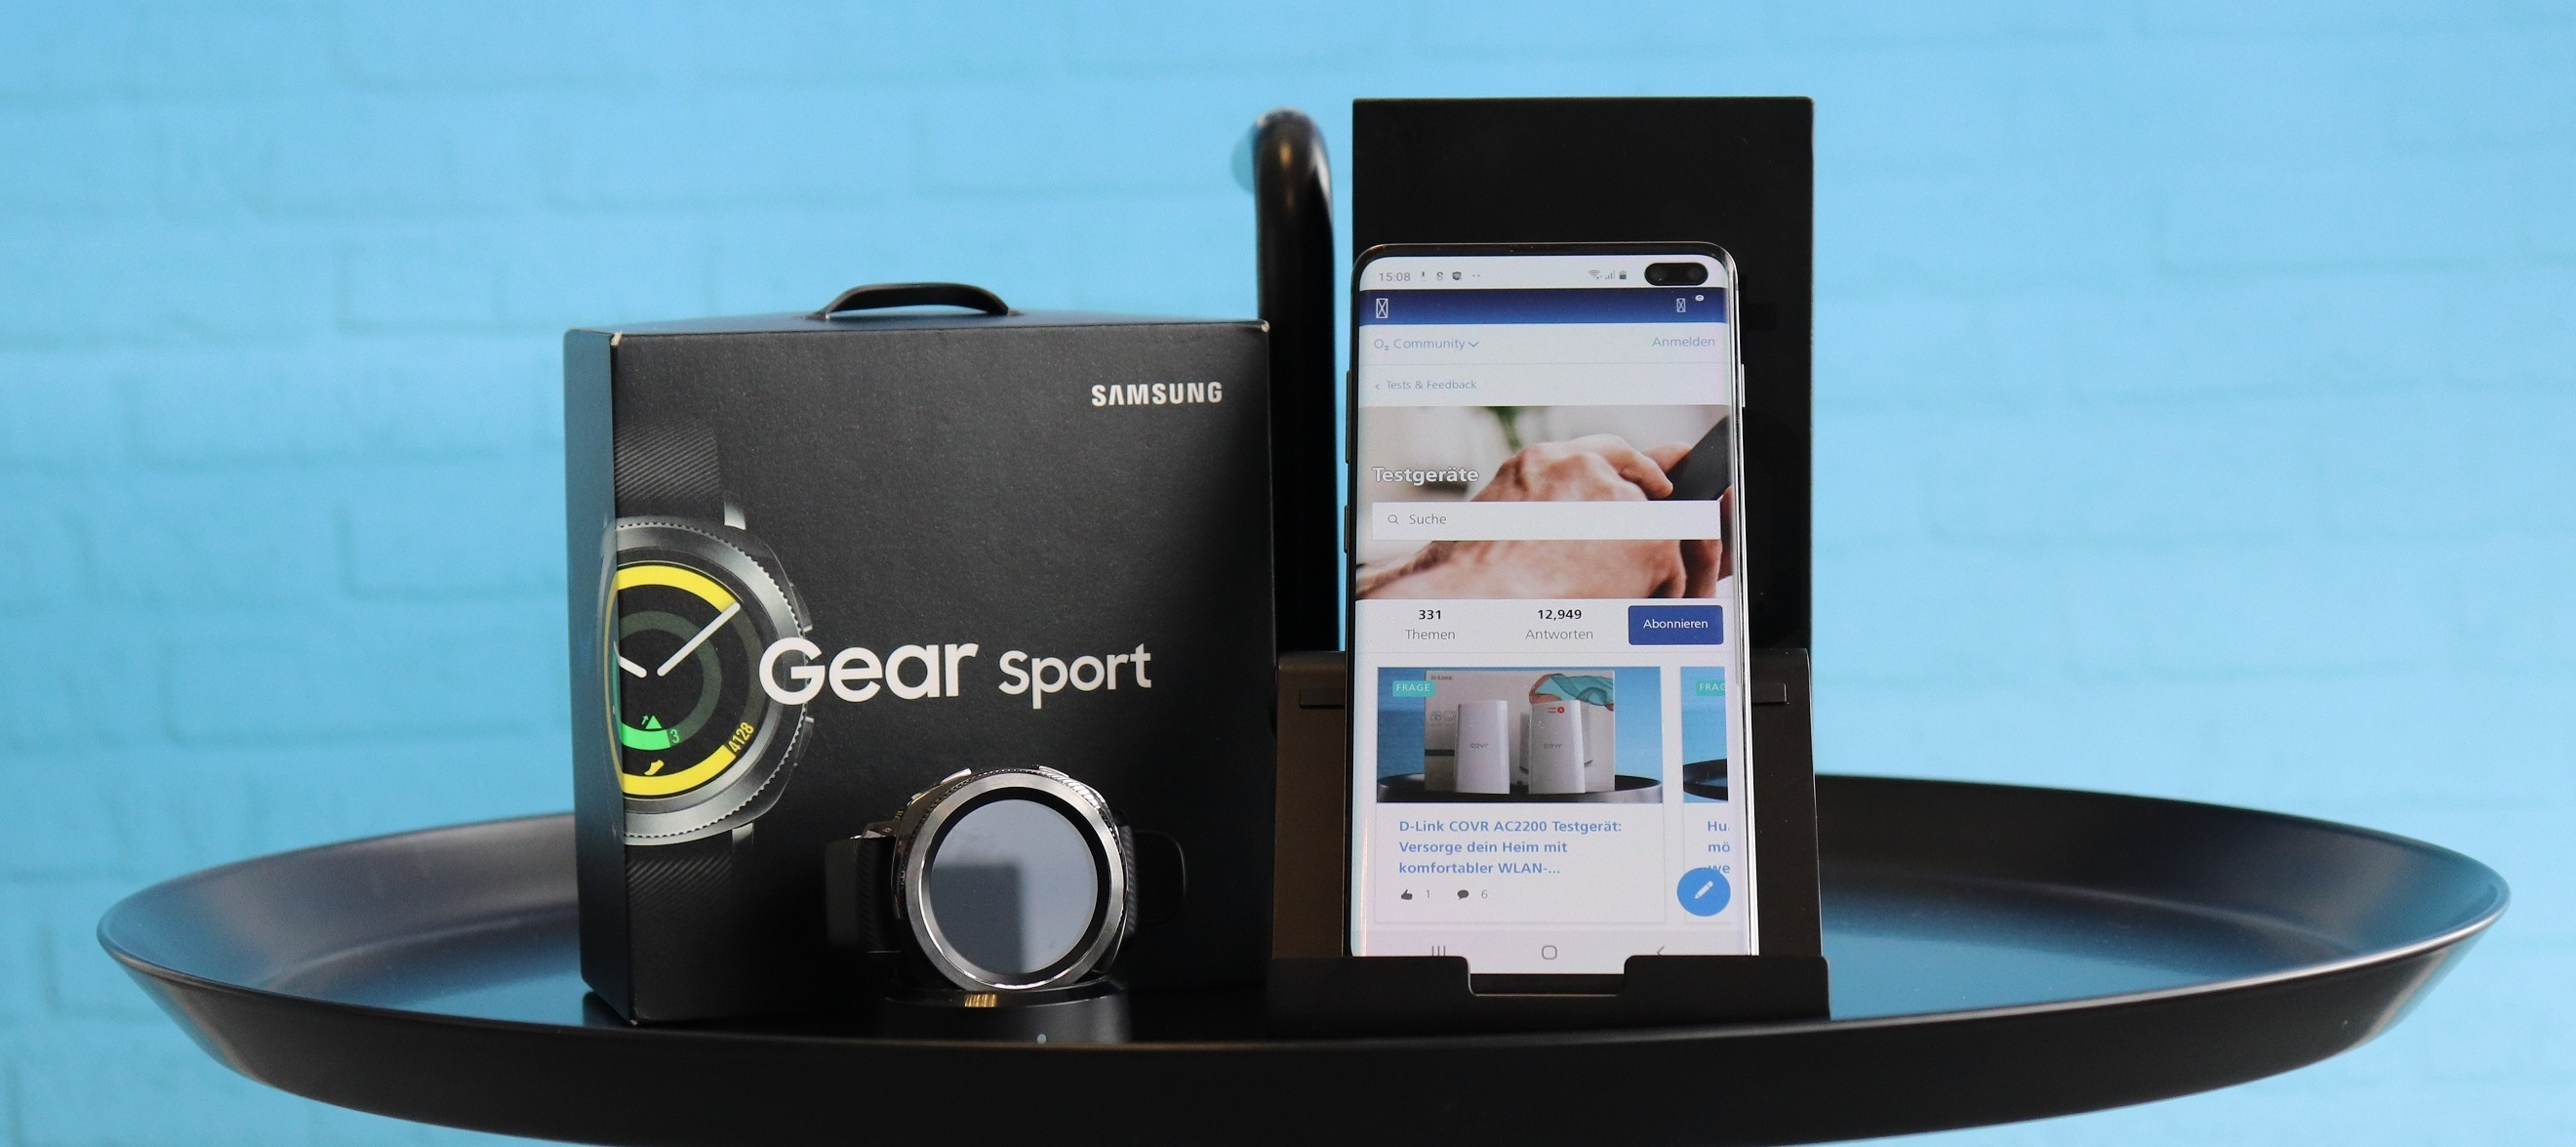 Samsung Galaxy S10+ & Samsung Gear Sport im Bundle zum Testen: Sportliche Vorsätze für das neue Jahr? Dann bewirb dich jetzt als Produkttester*in!